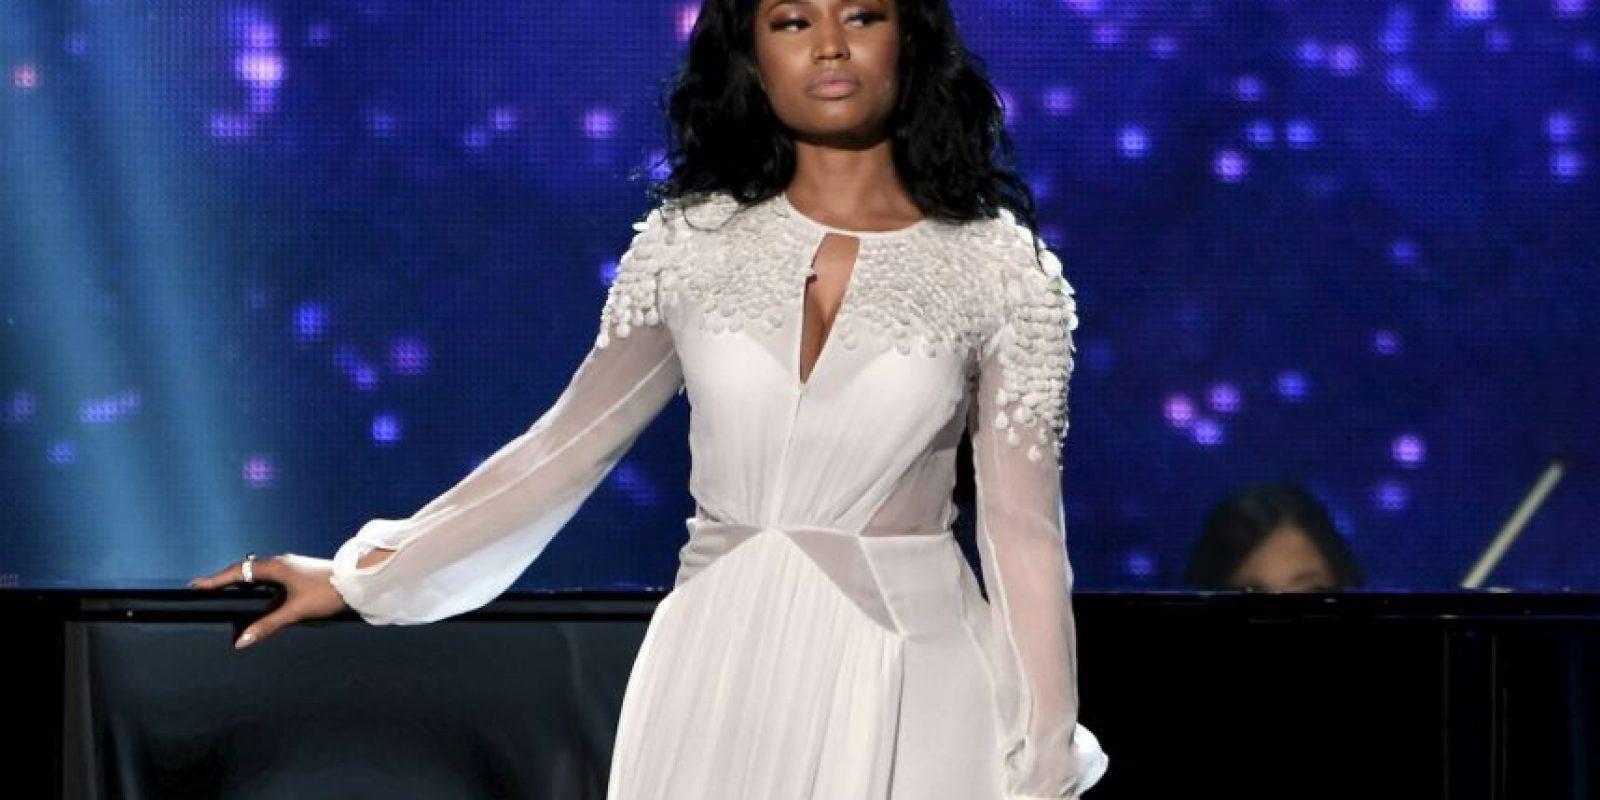 La cantante habla de sus problemas personales Foto:Getty Images